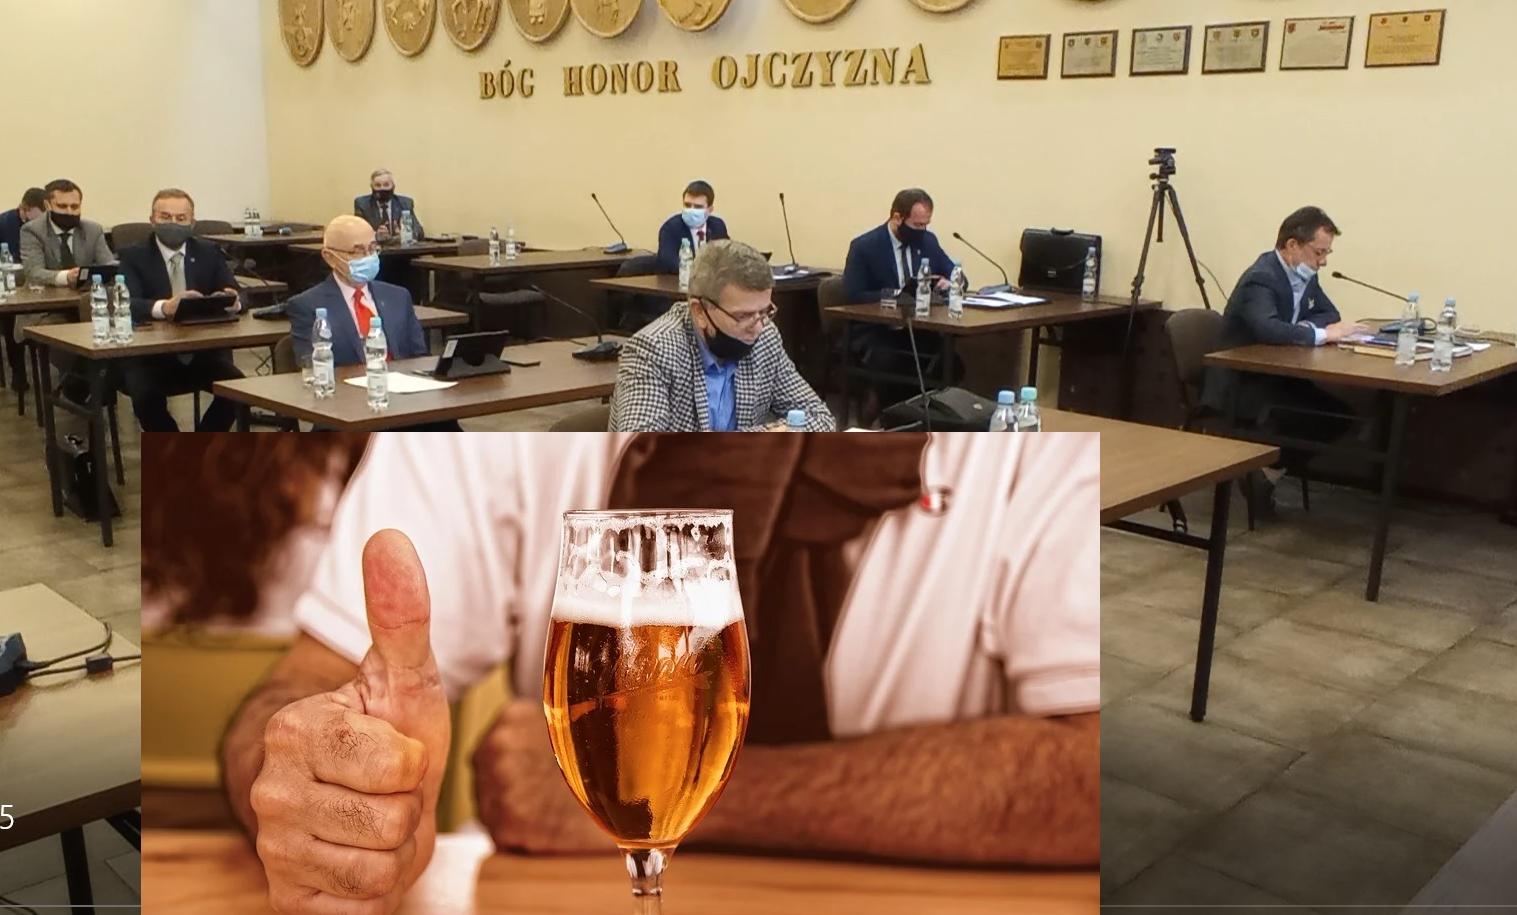 """ŁUKÓW. Restauratorzy nie zapłacą """"korkowego"""" (WIDEO) - Zdjęcie główne"""